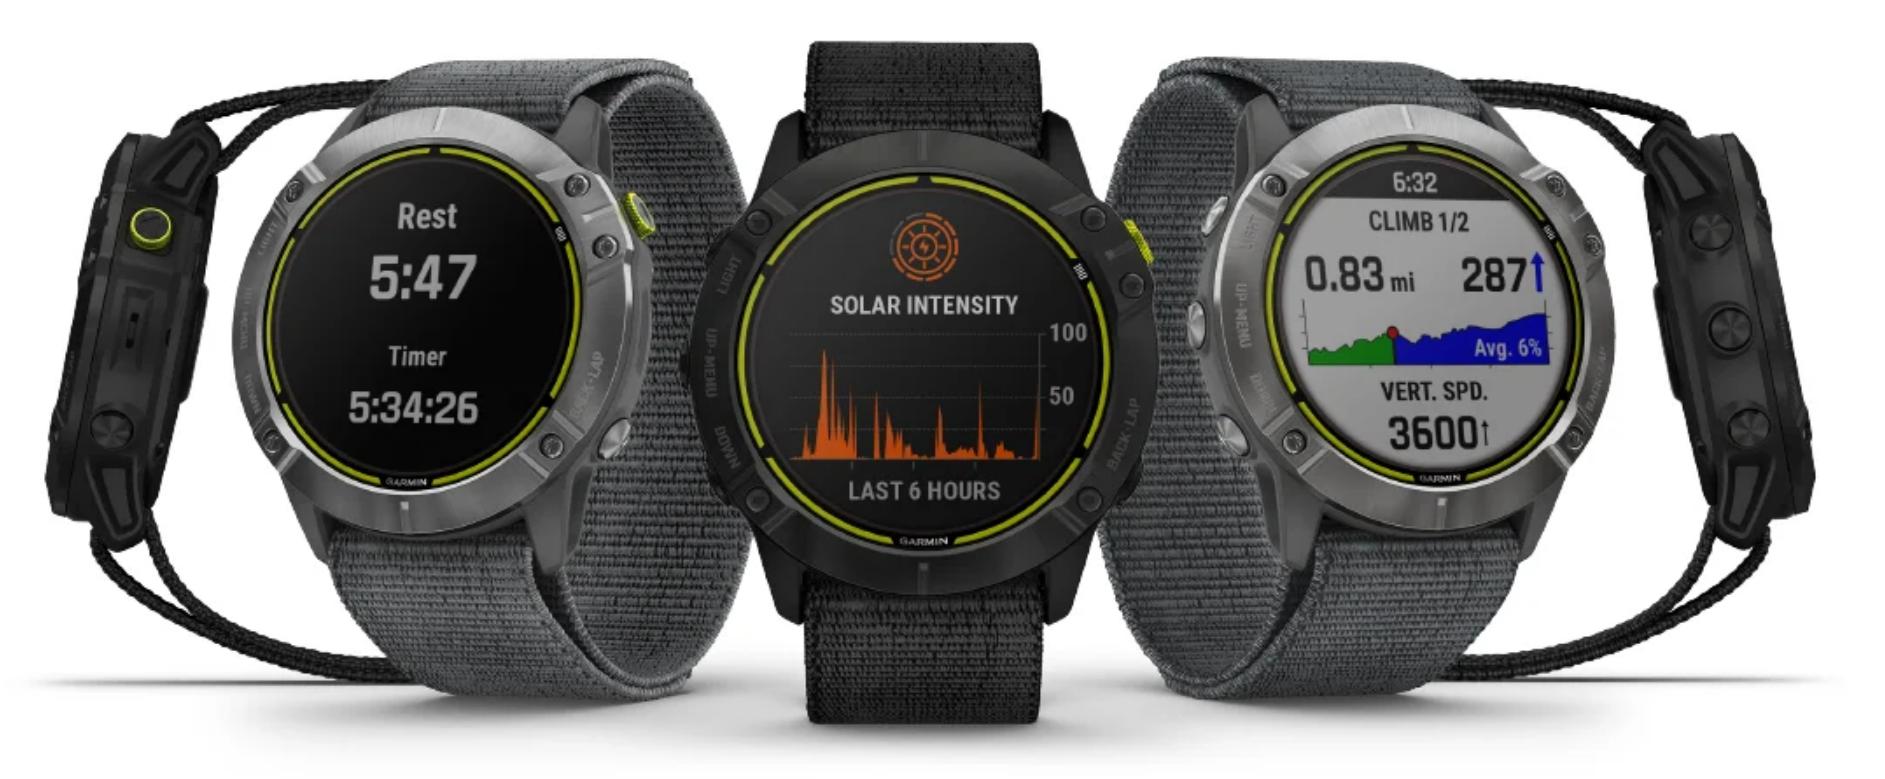 Garmin выпустили самые автономные смарт-часы - они «живут» до 65 дней